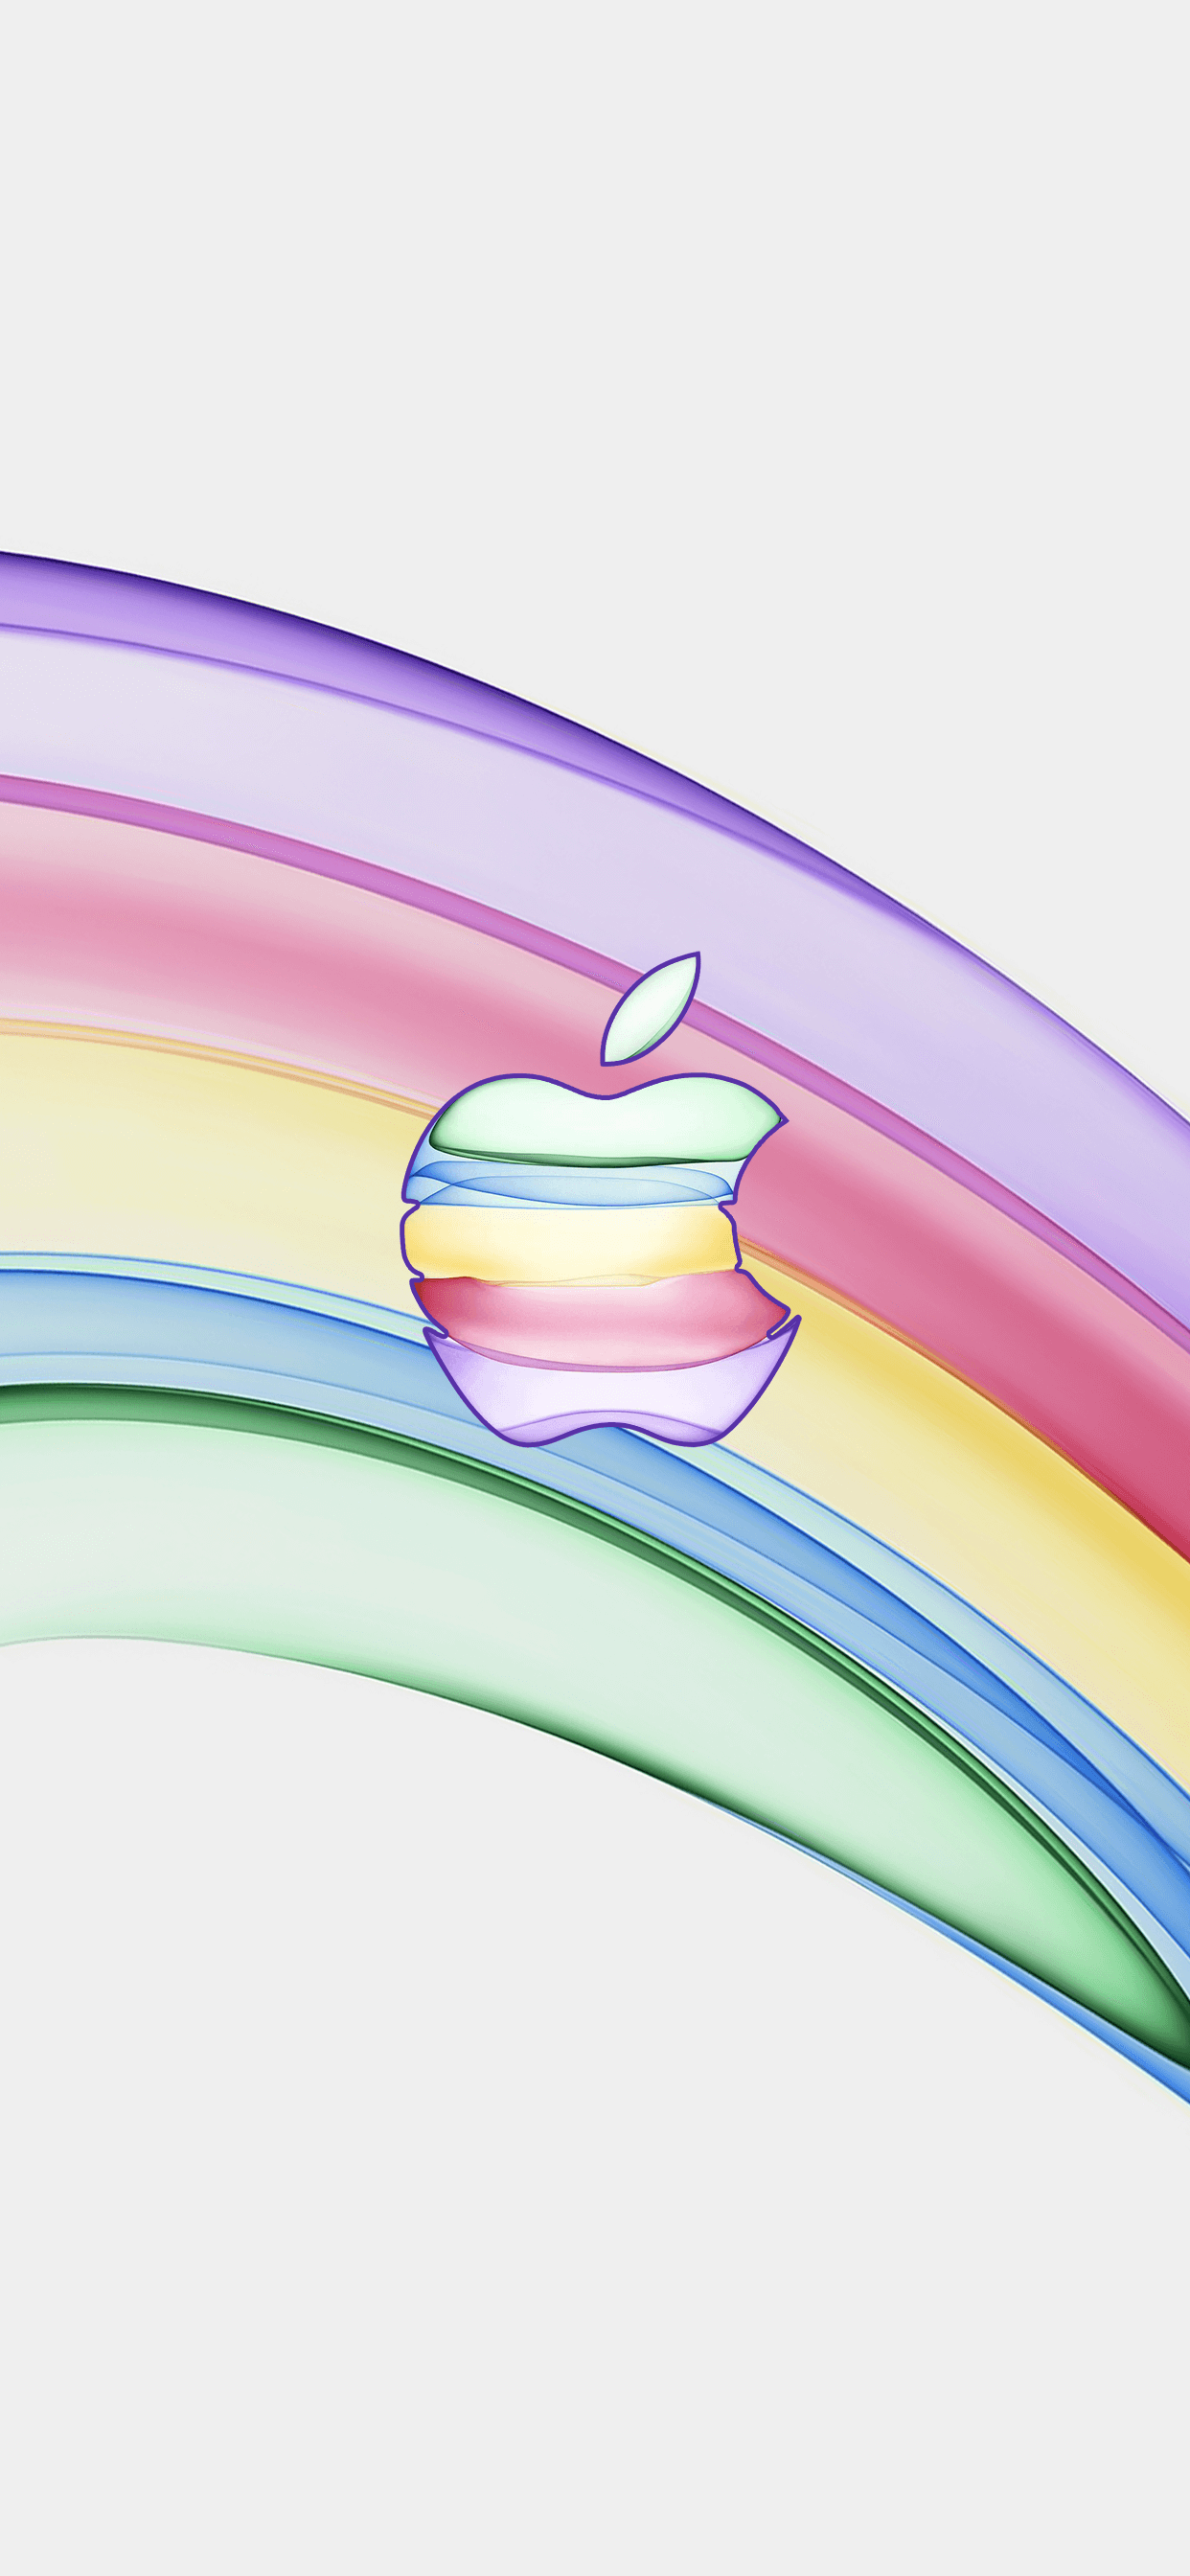 Des Fonds D Ecran Apple Inspires Du Keynote De L Iphone 11